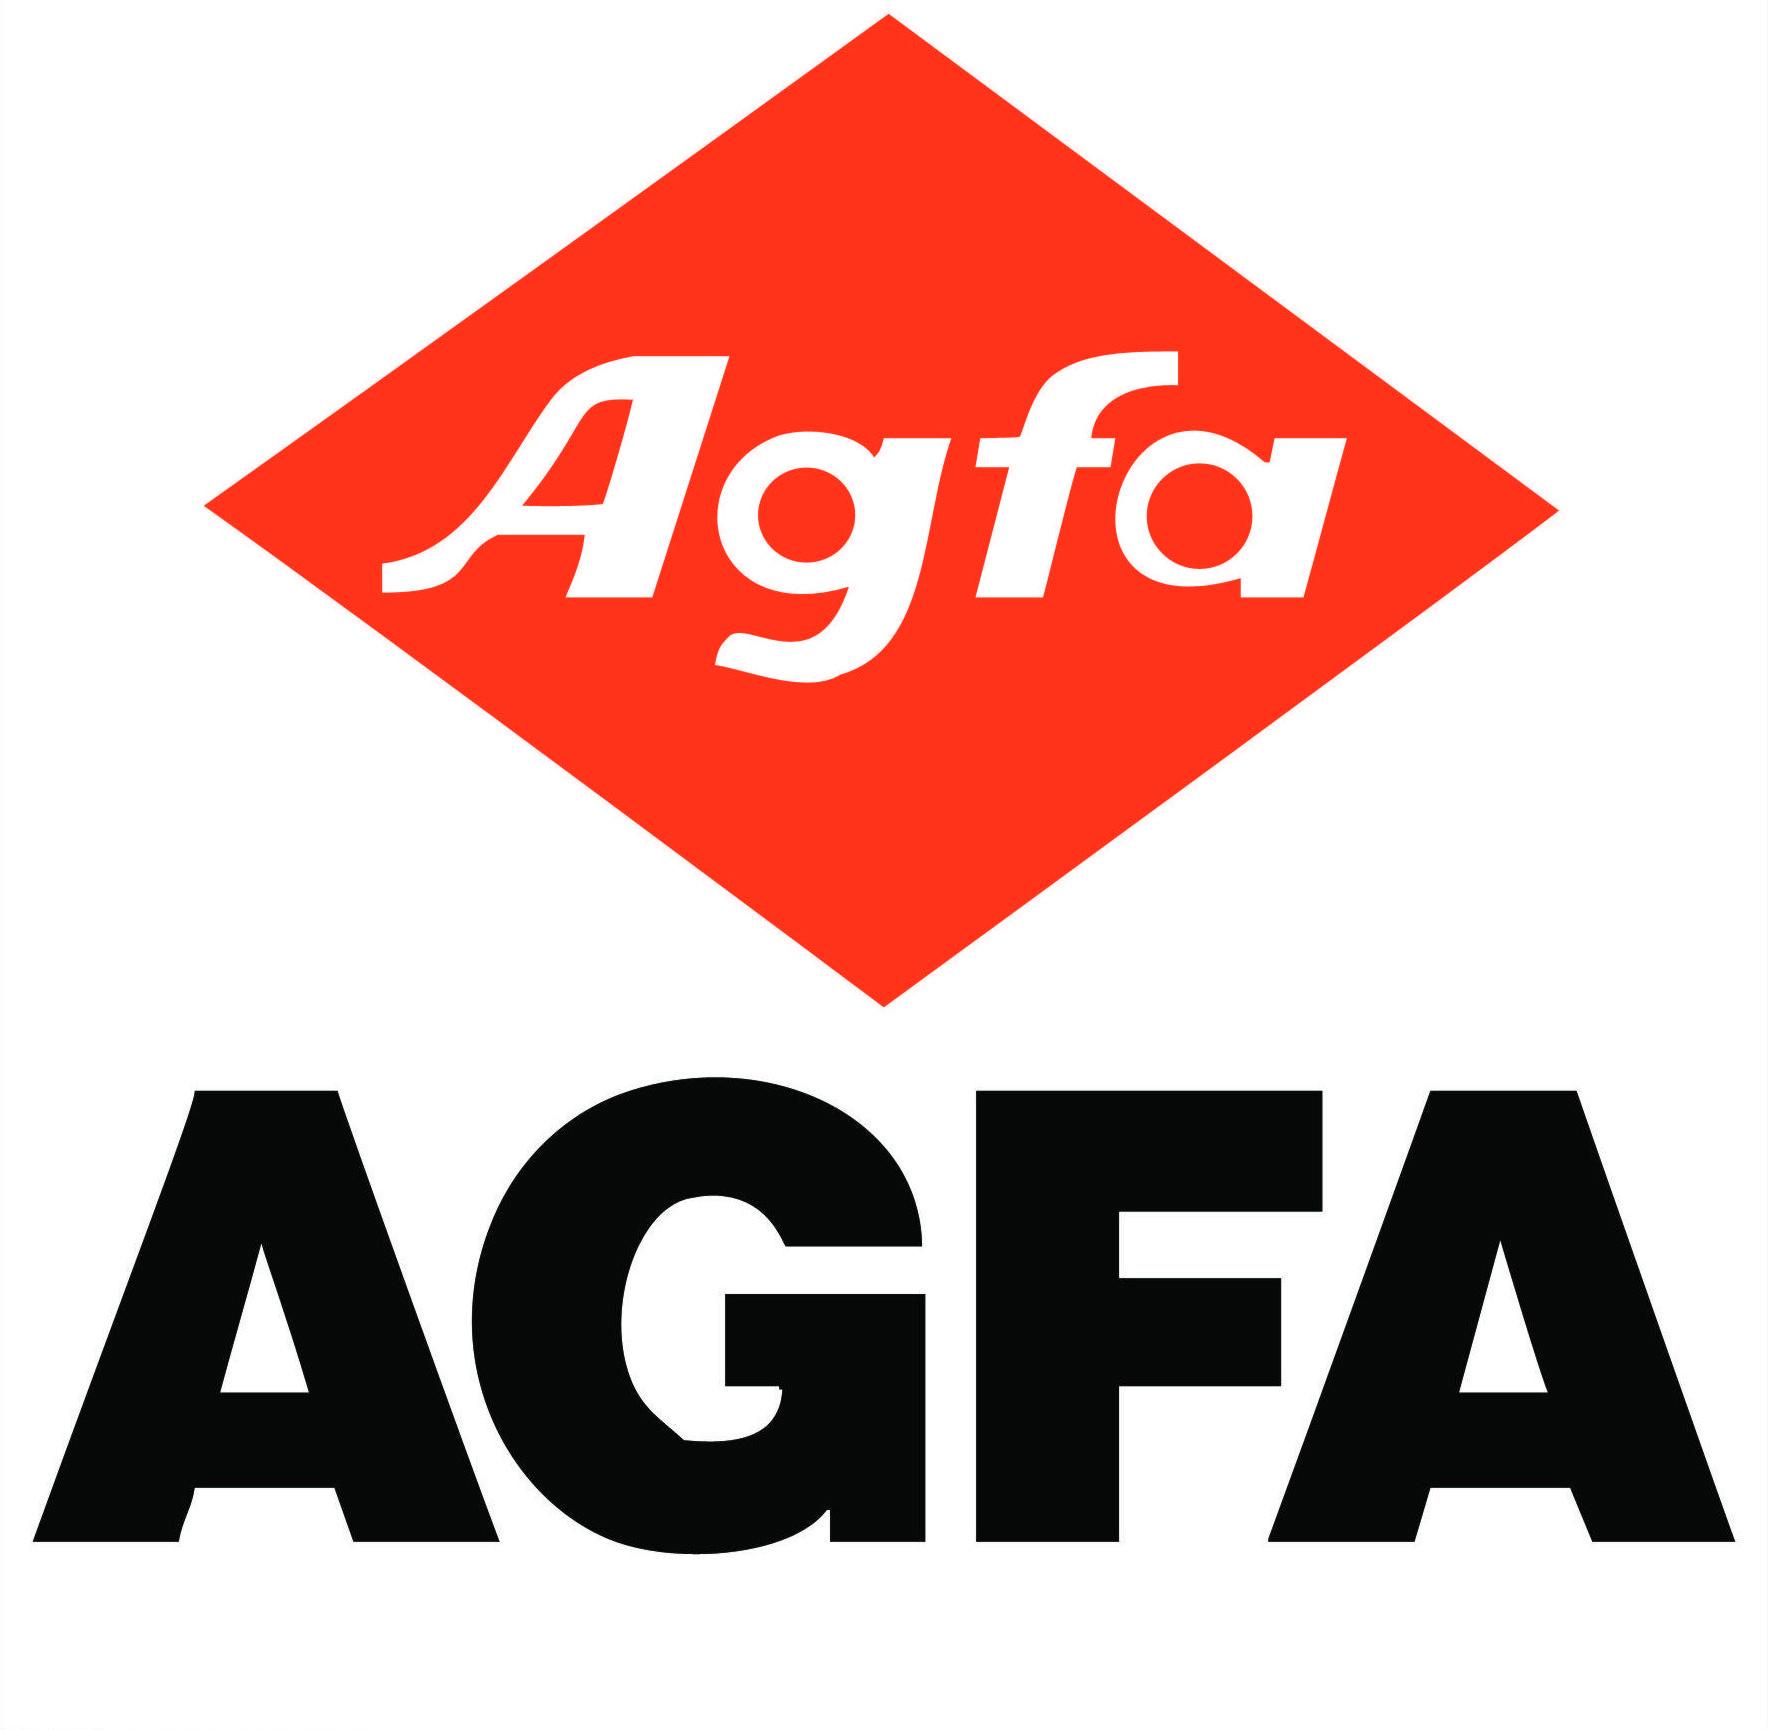 afga-logo.jpg